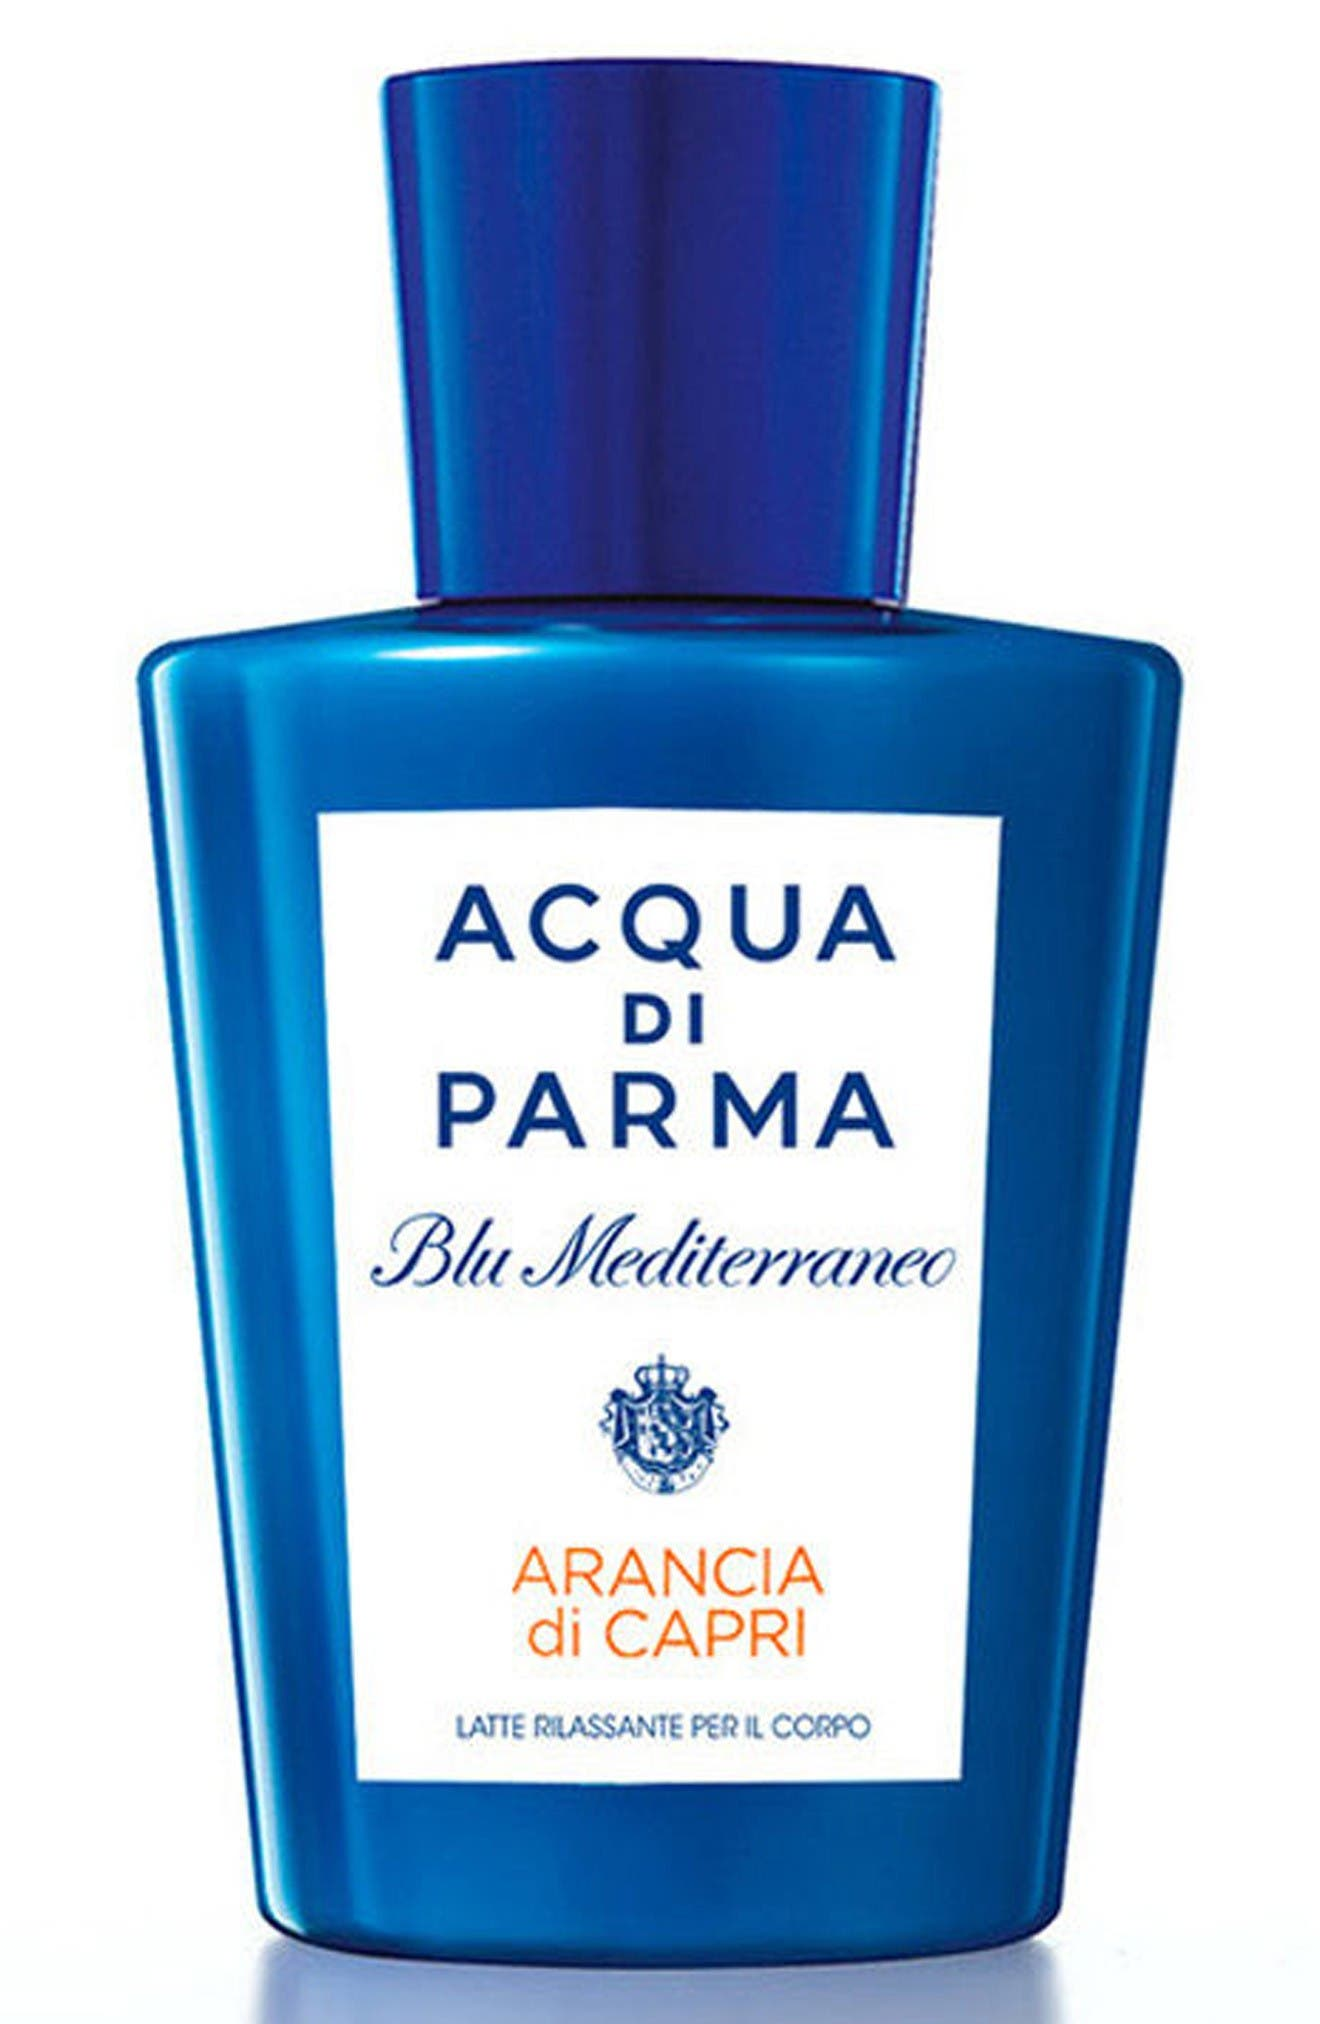 Main Image - Acqua di Parma 'Blu Mediterraneo' Arancia di Capri Body Lotion